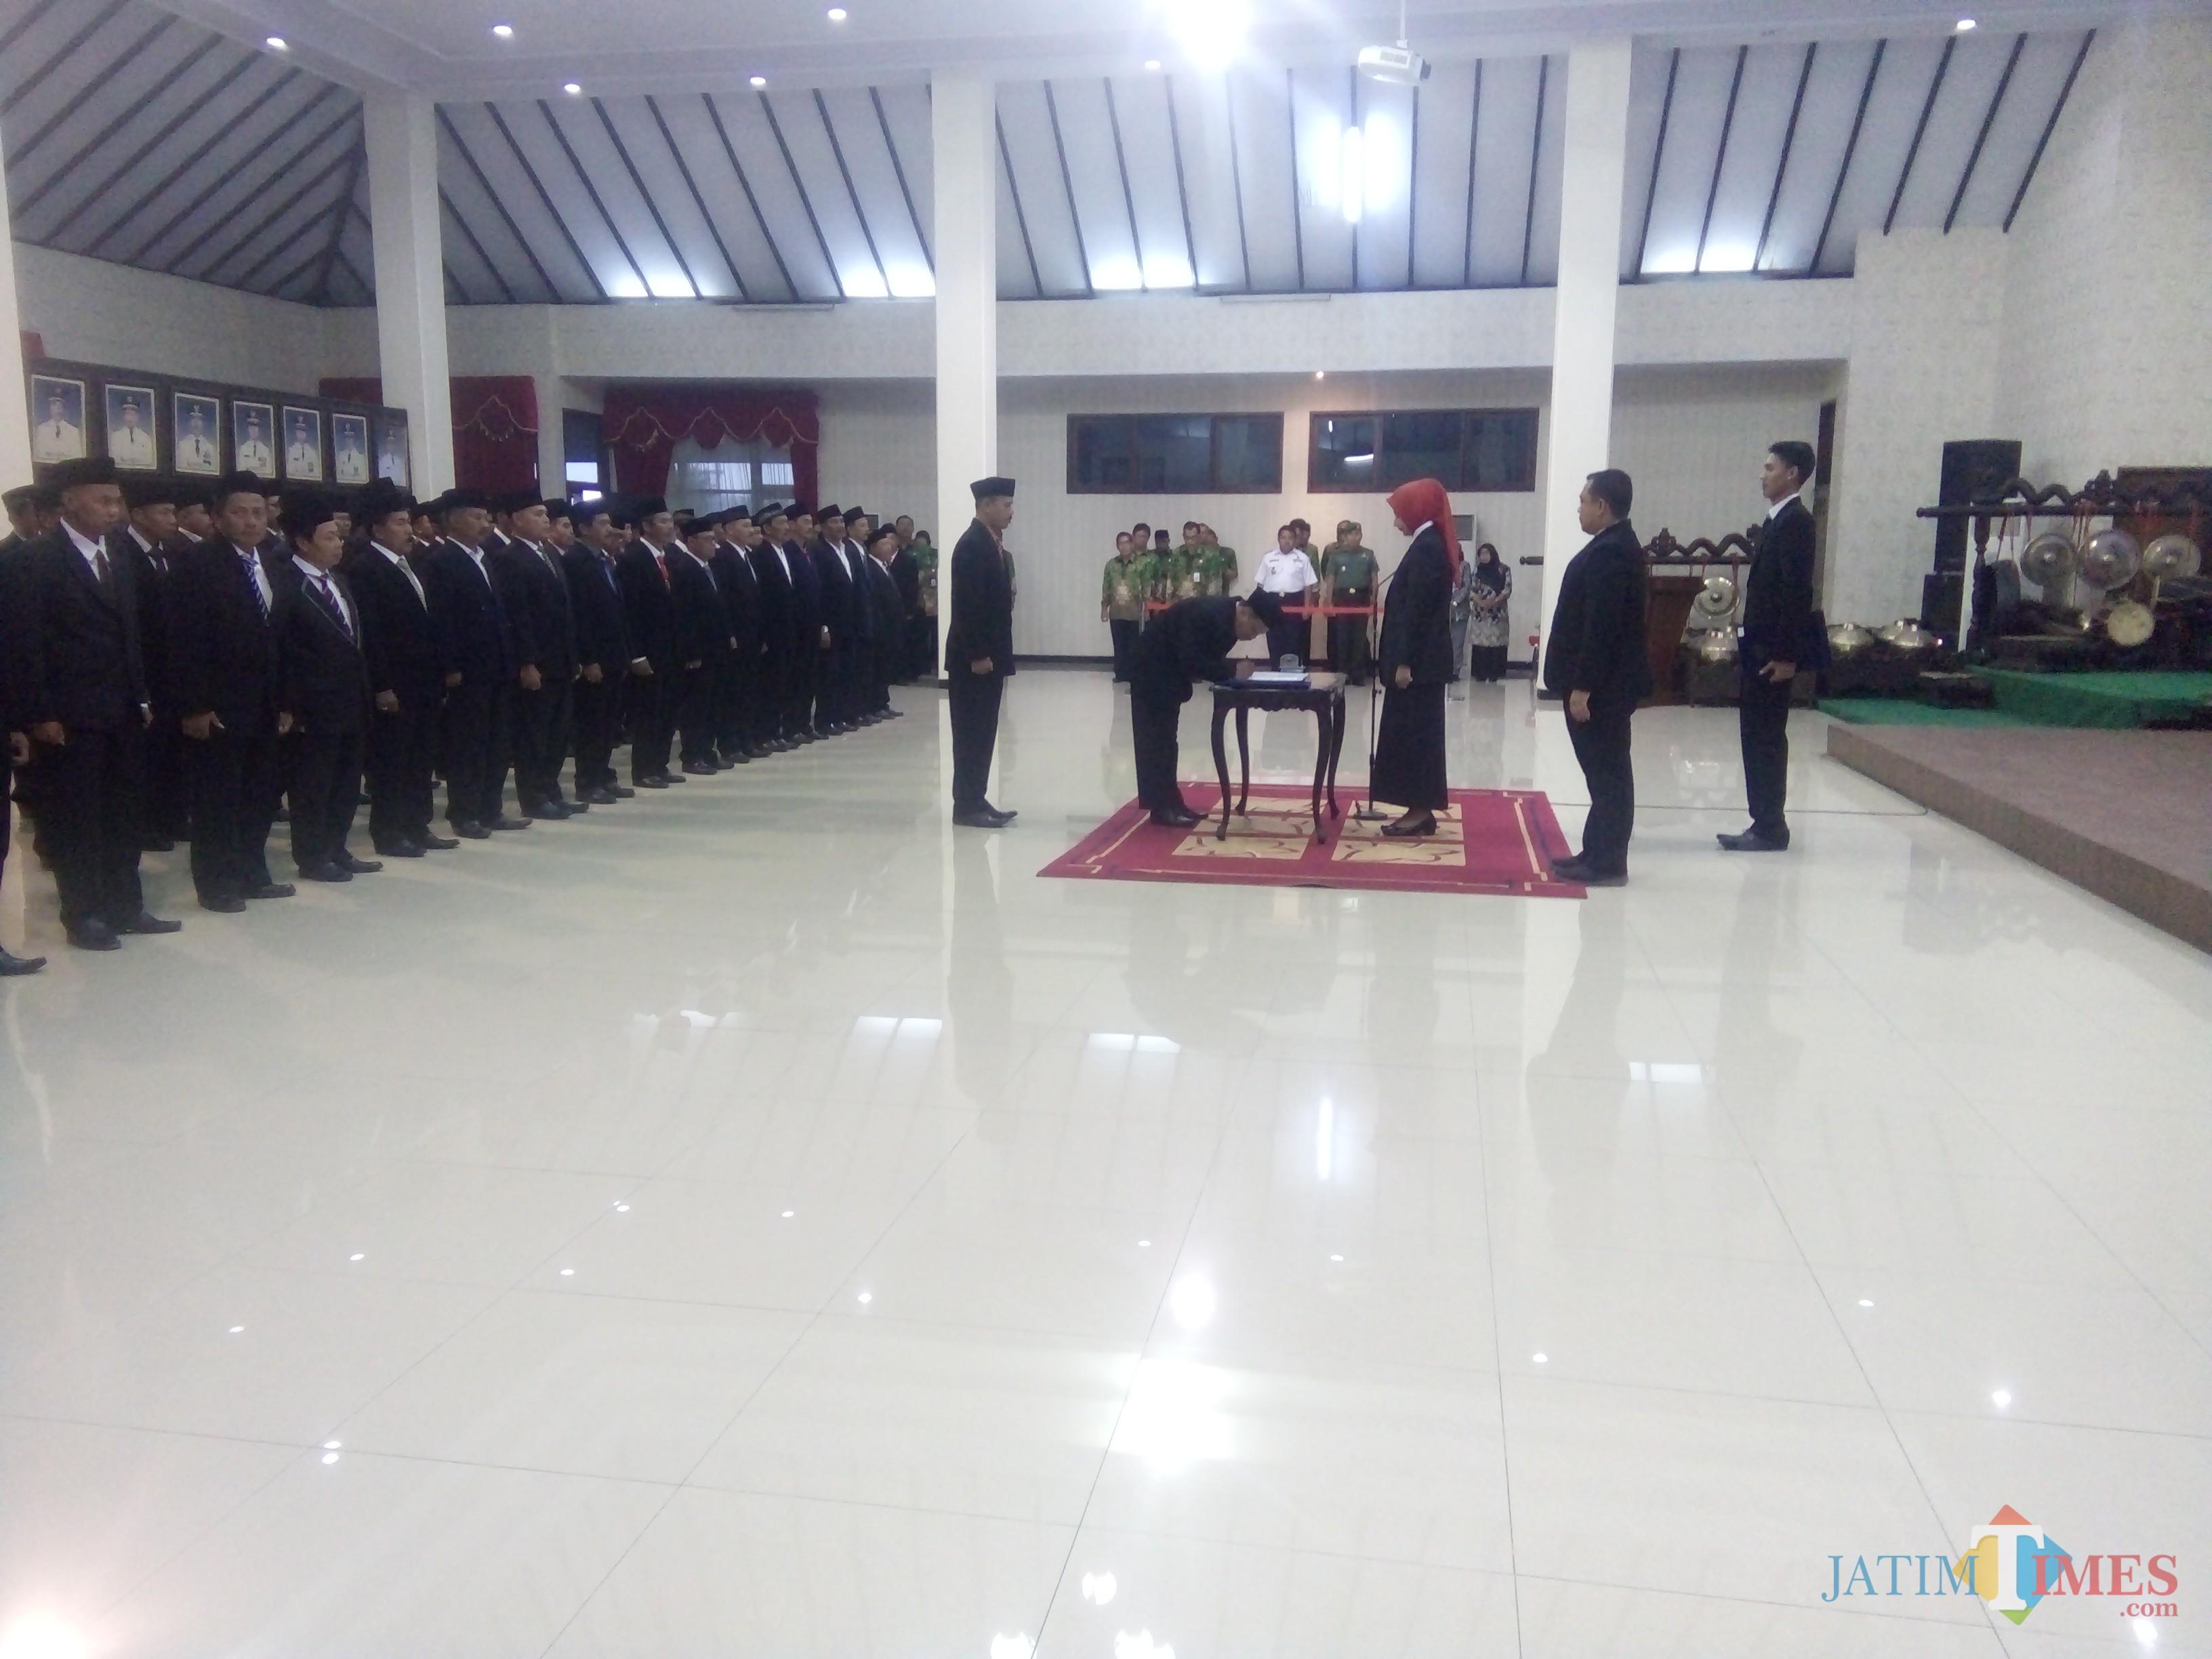 Bupati Jember dr. Hj. Faida MMR saat melantik 80 Pj Kades dan 1 Kades PAW di Pendopo PemkabJember (foto : Moh. Ali Makrus / Jatim TIMES)